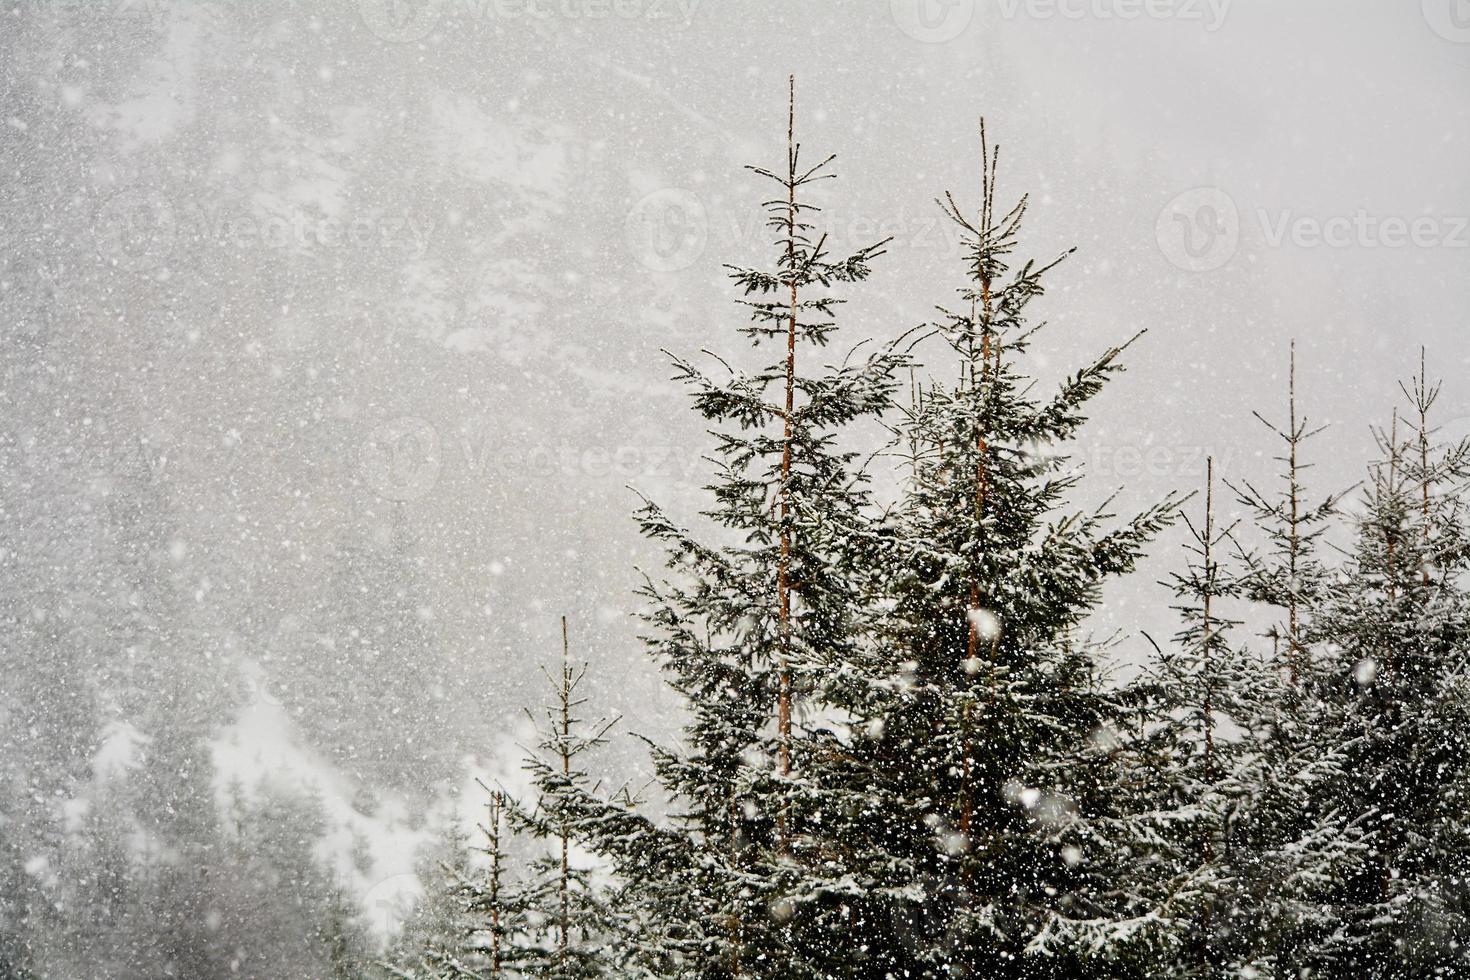 chutes de neige en hiver photo